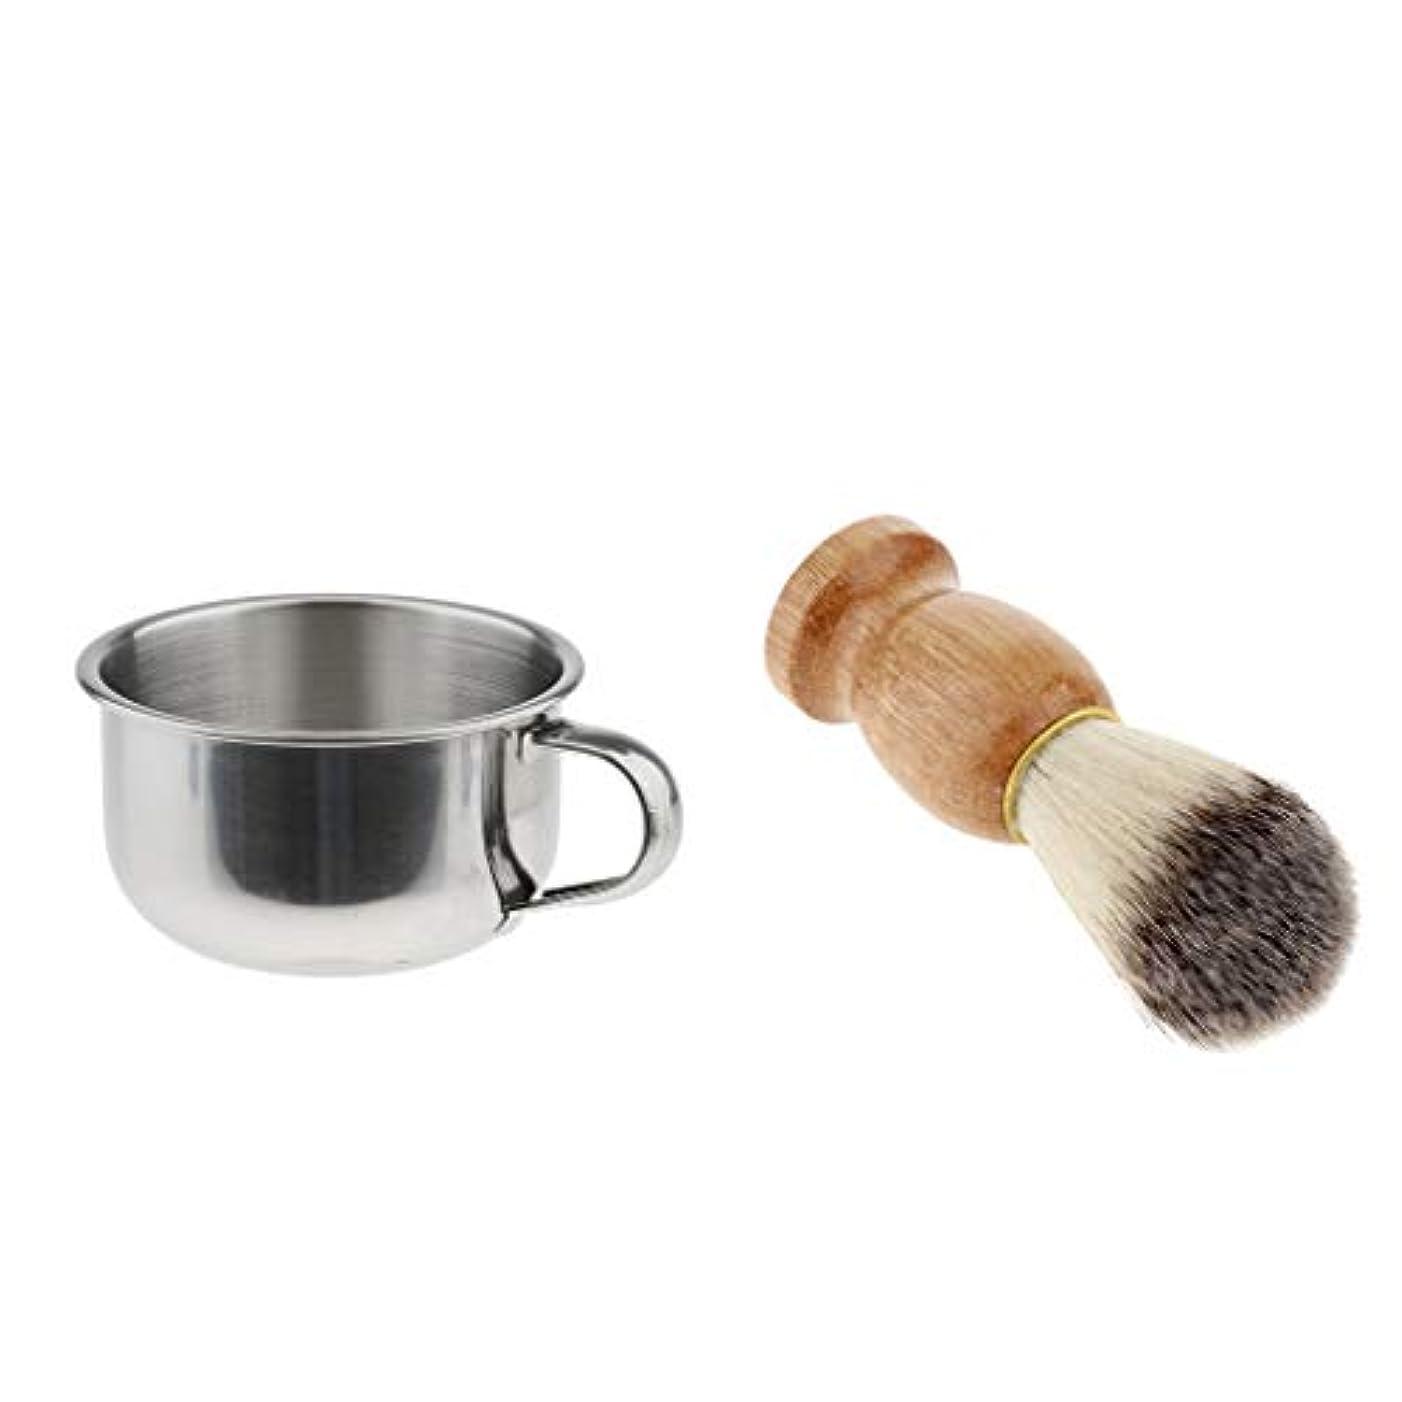 目指す郵便ペネロペsharprepublic シェービングブラシ 理容 洗顔 髭剃り メンズ 石鹸ボウル シェービングマグ 髭剃り